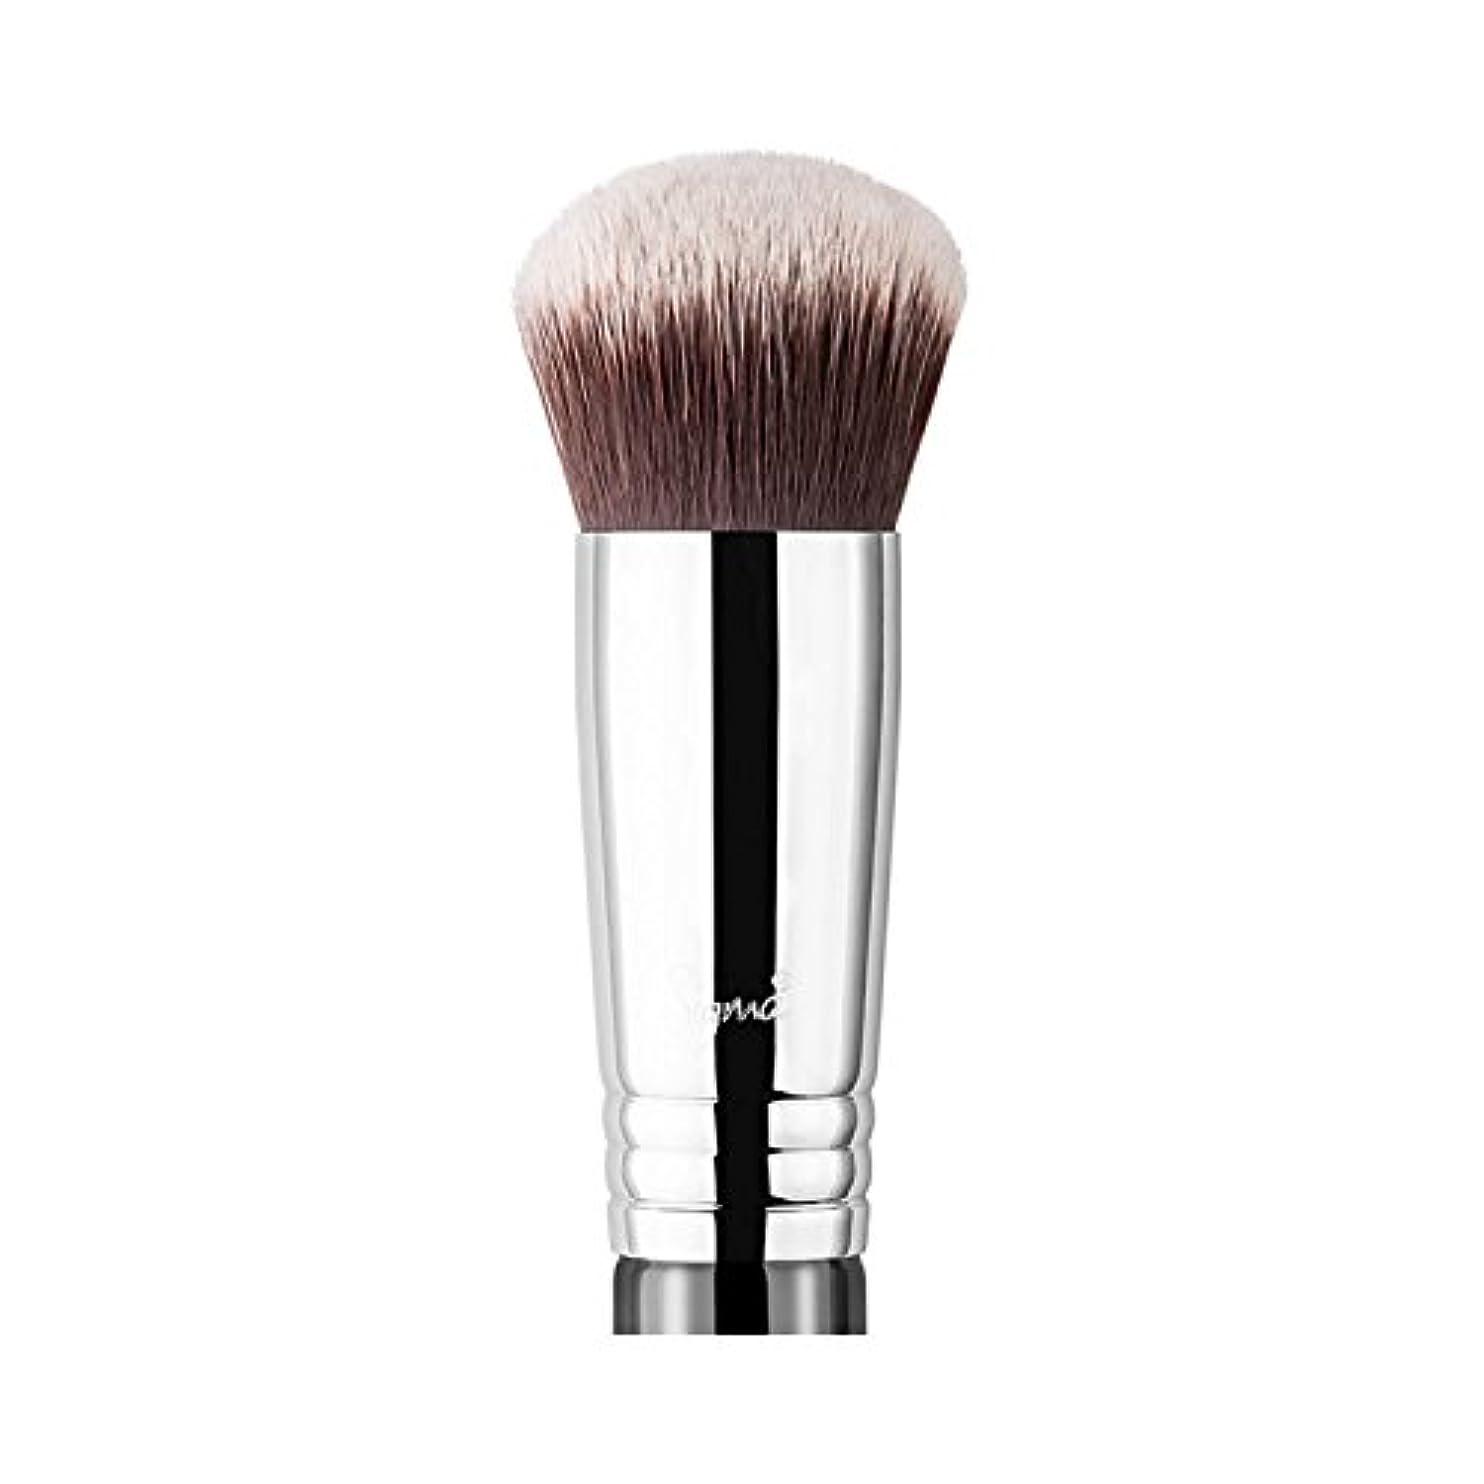 レンジ召喚するシャッフルSigma Beauty F82 Round Kabuki Brush -並行輸入品